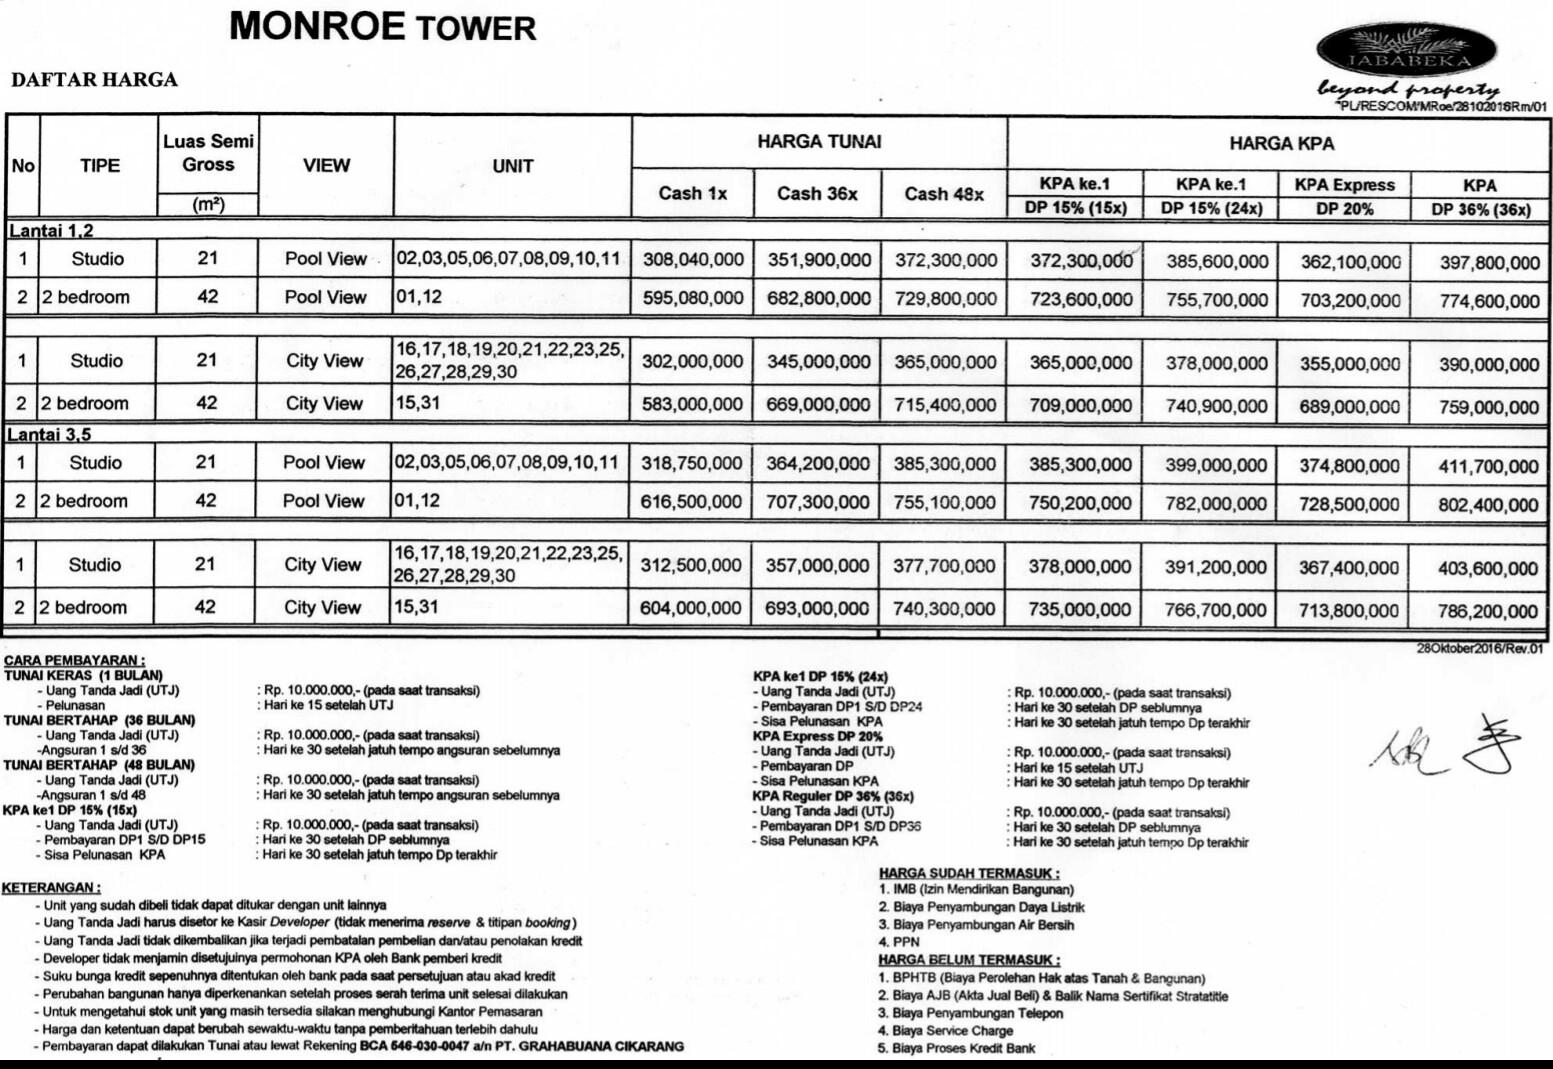 monroe-harga